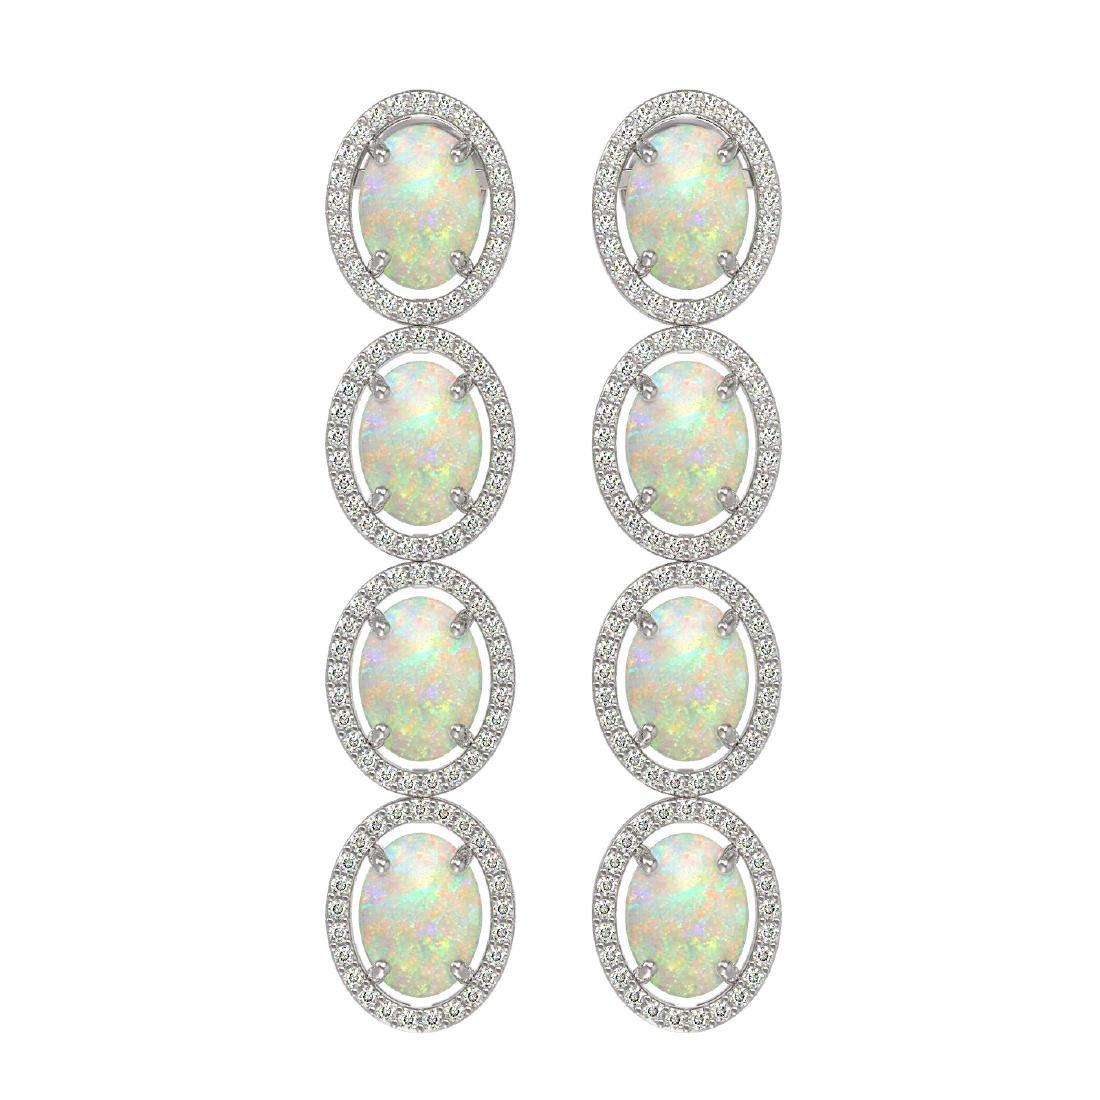 9.16 CTW Opal & Diamond Halo Earrings 10K White Gold